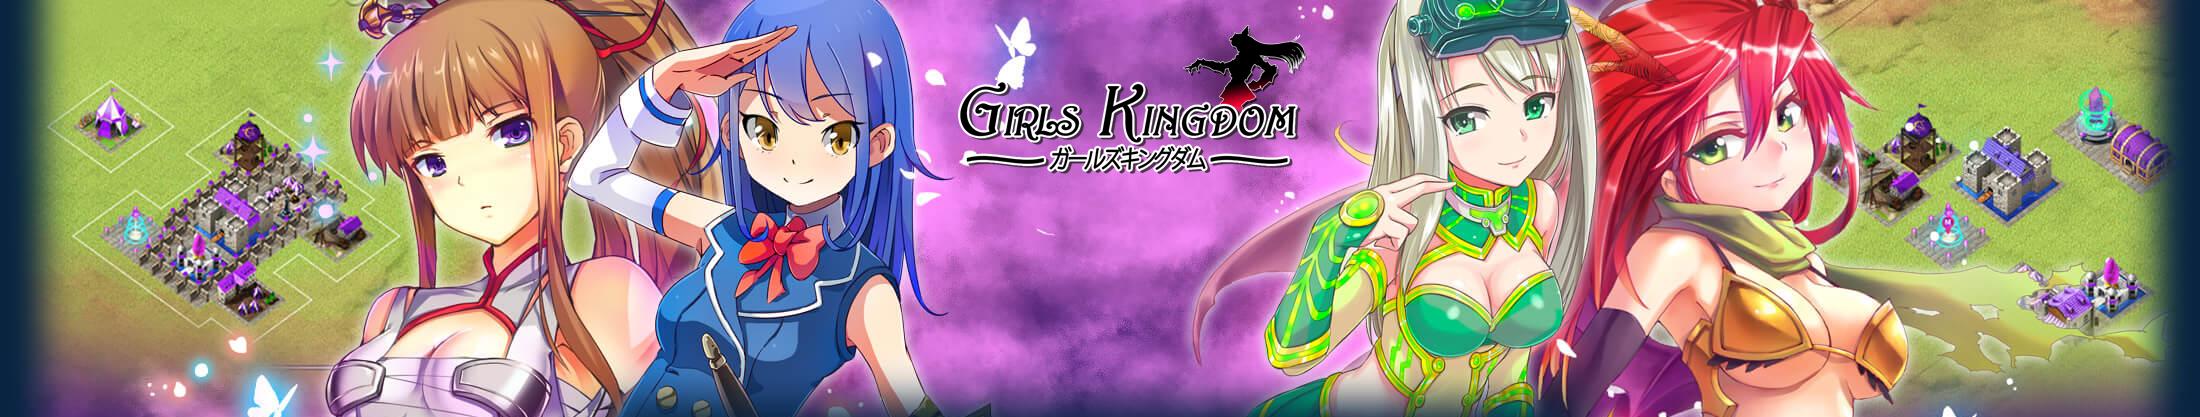 Girls kingdom nutaku